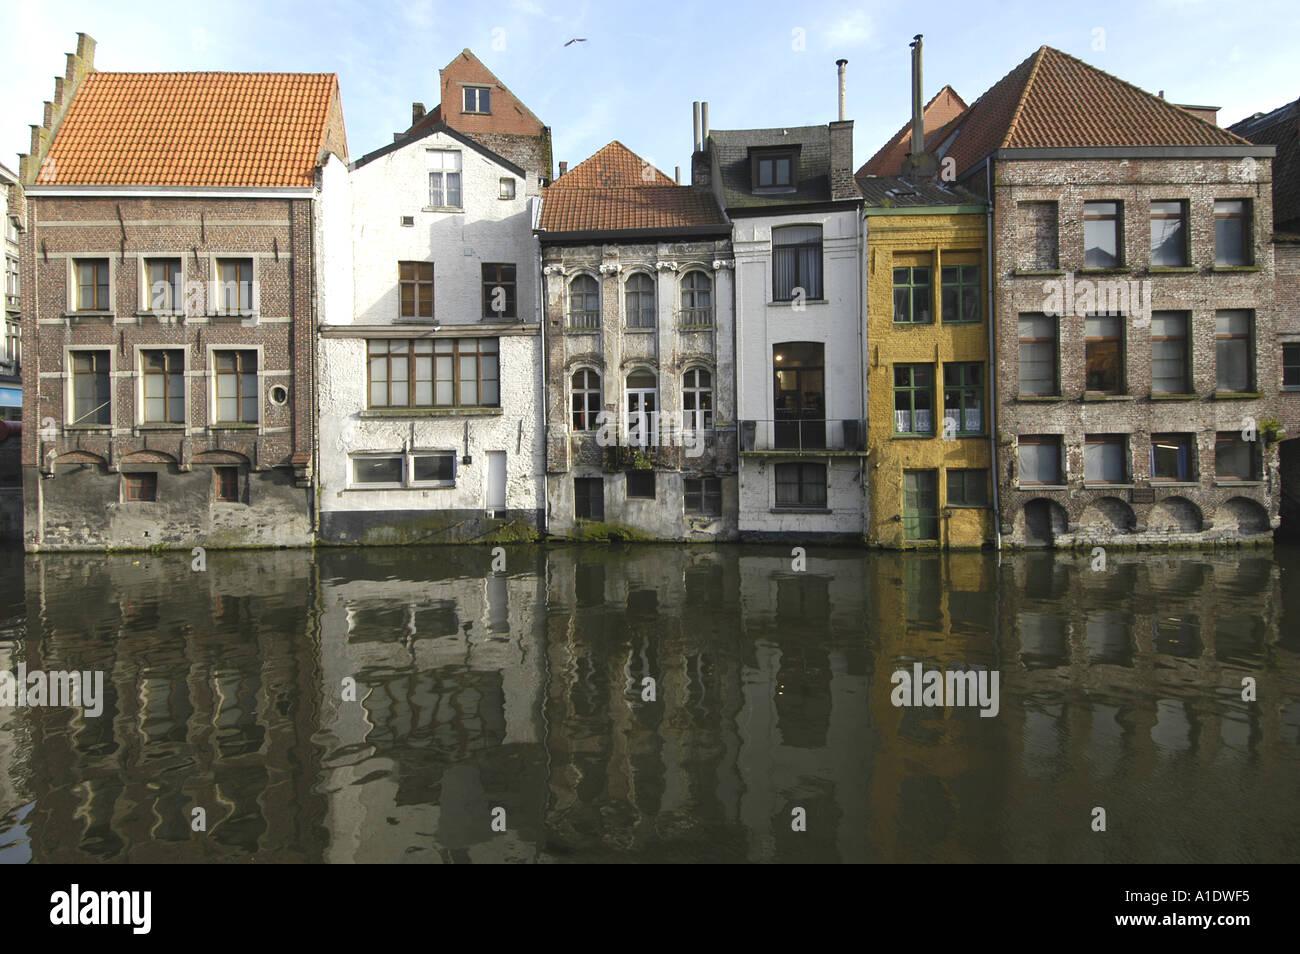 Blick vom kraanlei im bereich het huis van alijn gent belgien nano